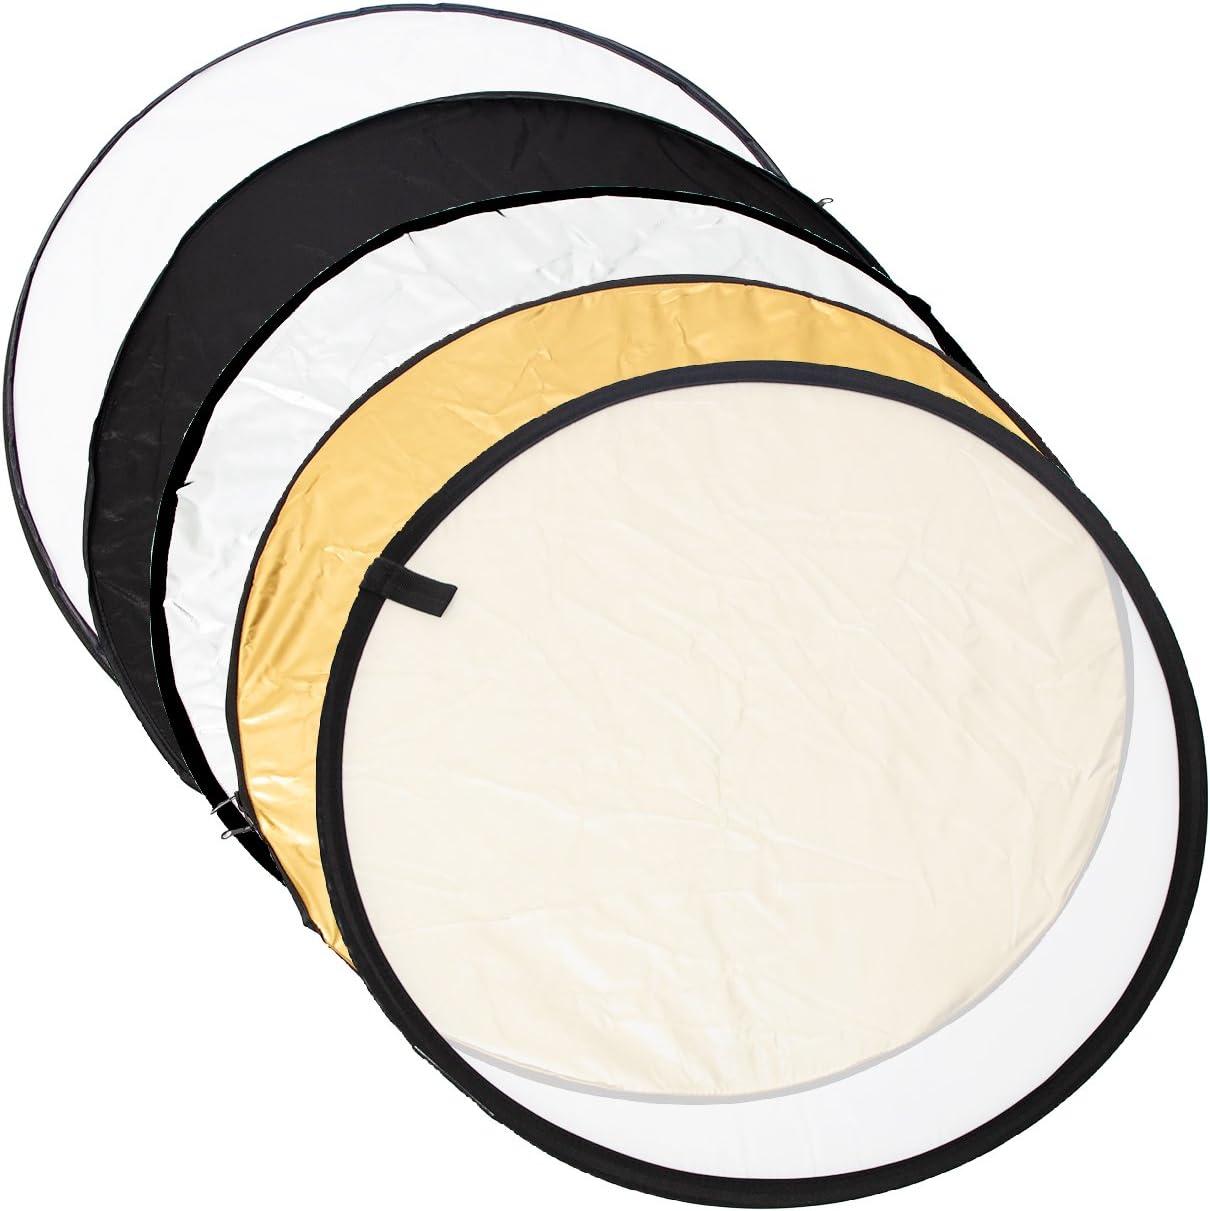 Argent Noir Blanc et Translucide pour studio photo et photographie en plein air TARION 5 en 1 R/éflecteur de Lumi/ère professionnel // Panneau diffuseur pliable environ 60 cm Or